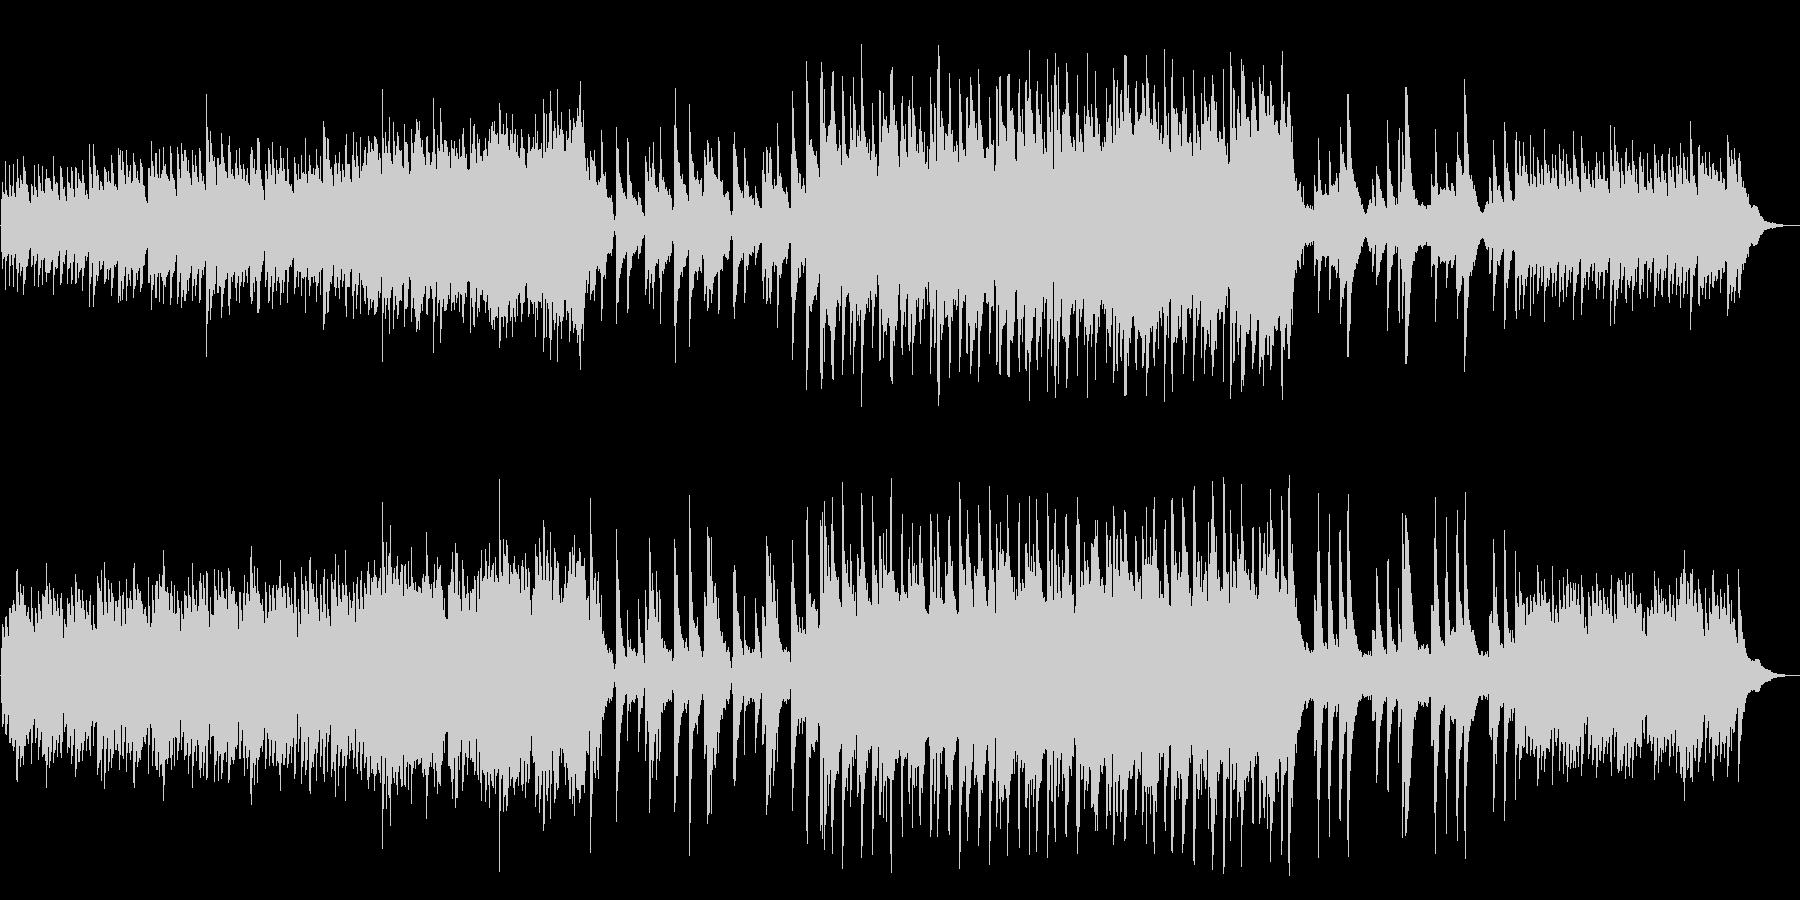 [和風]民族楽器 幻想 森 自然 ピアノの未再生の波形